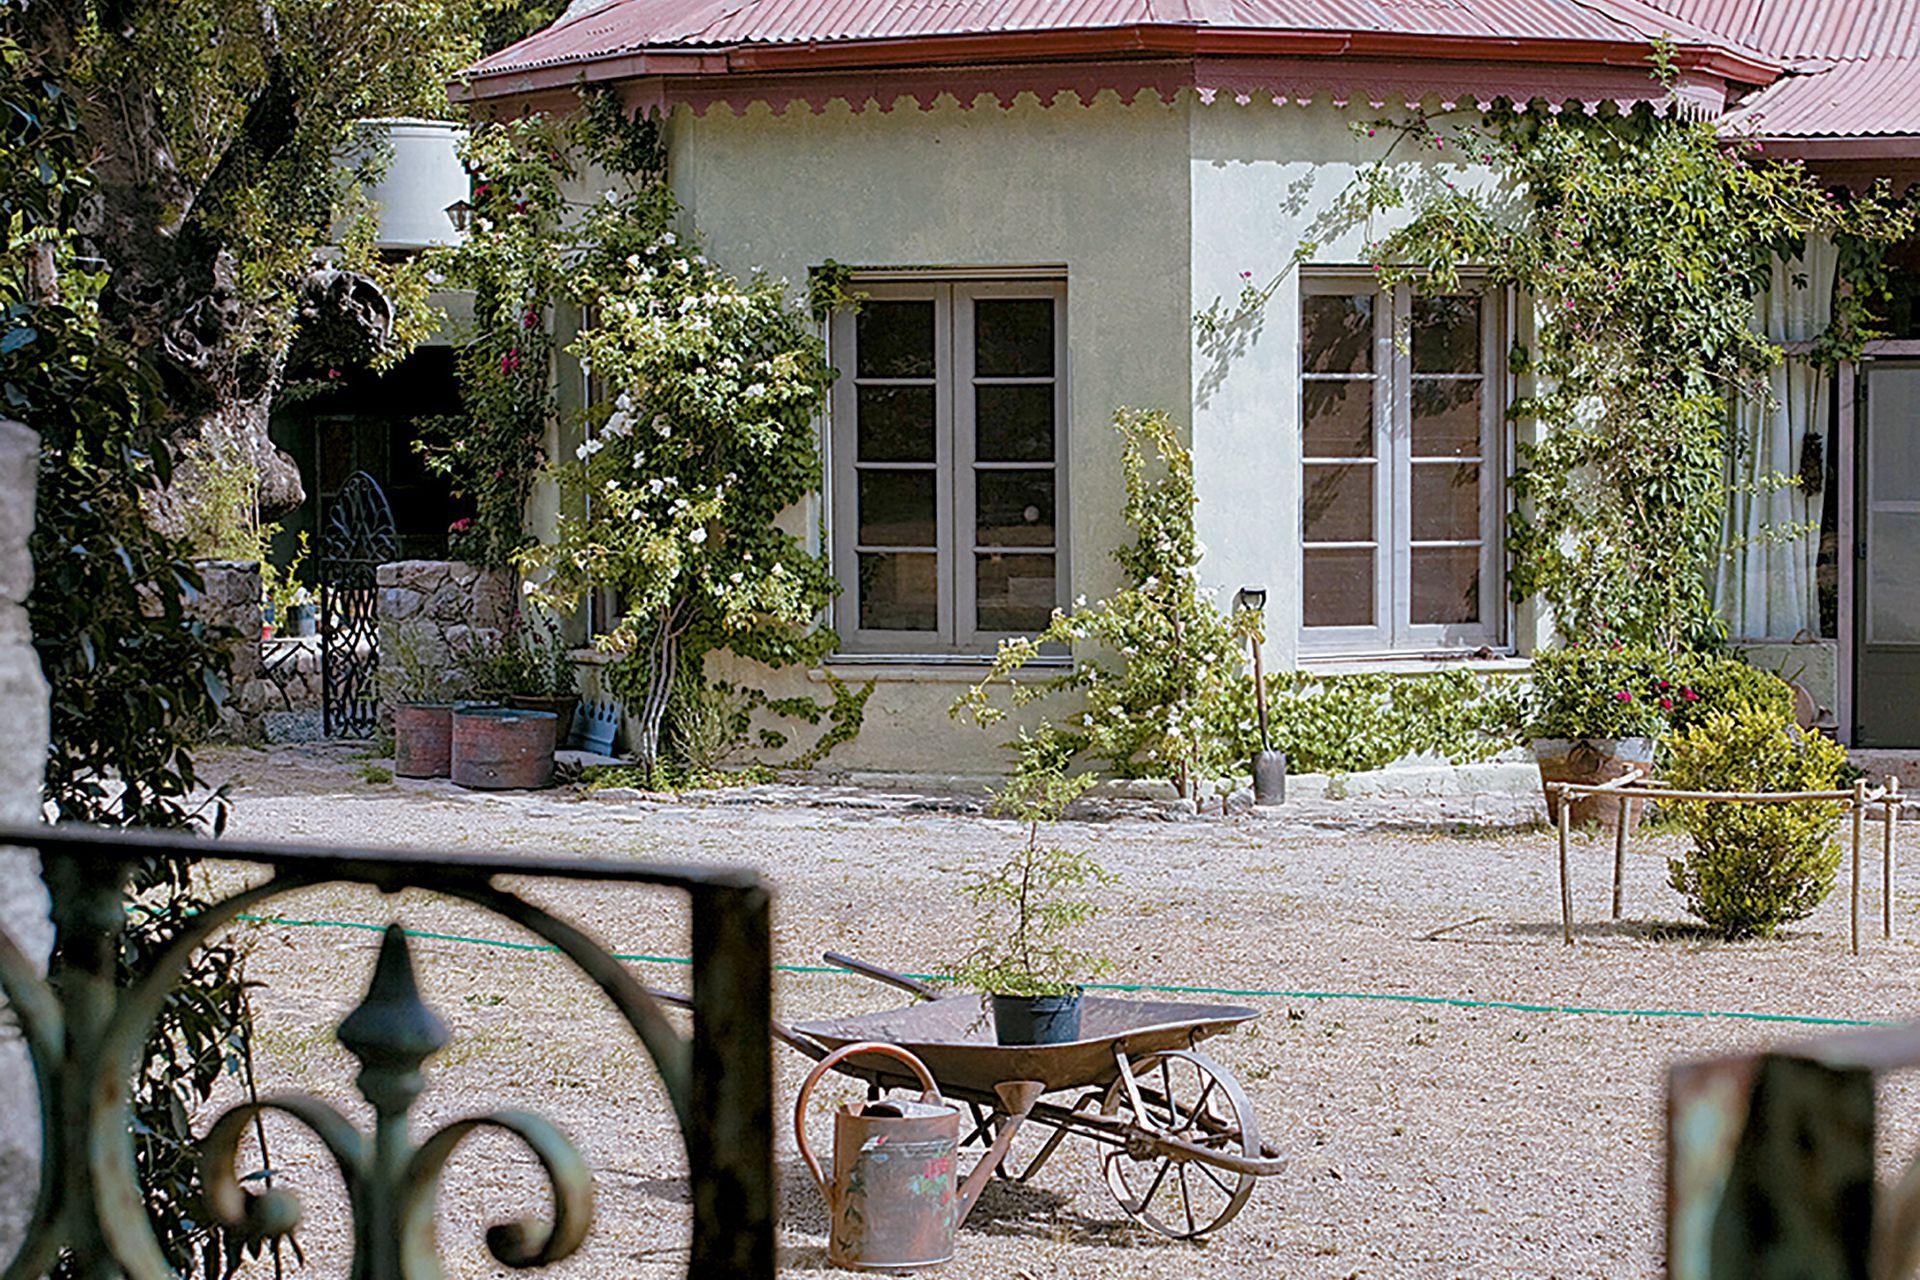 La fachada, anteriormente de un color amarillo pálido, fue cambiada por un verde seco inspirado en las plantas junto a la entrada.